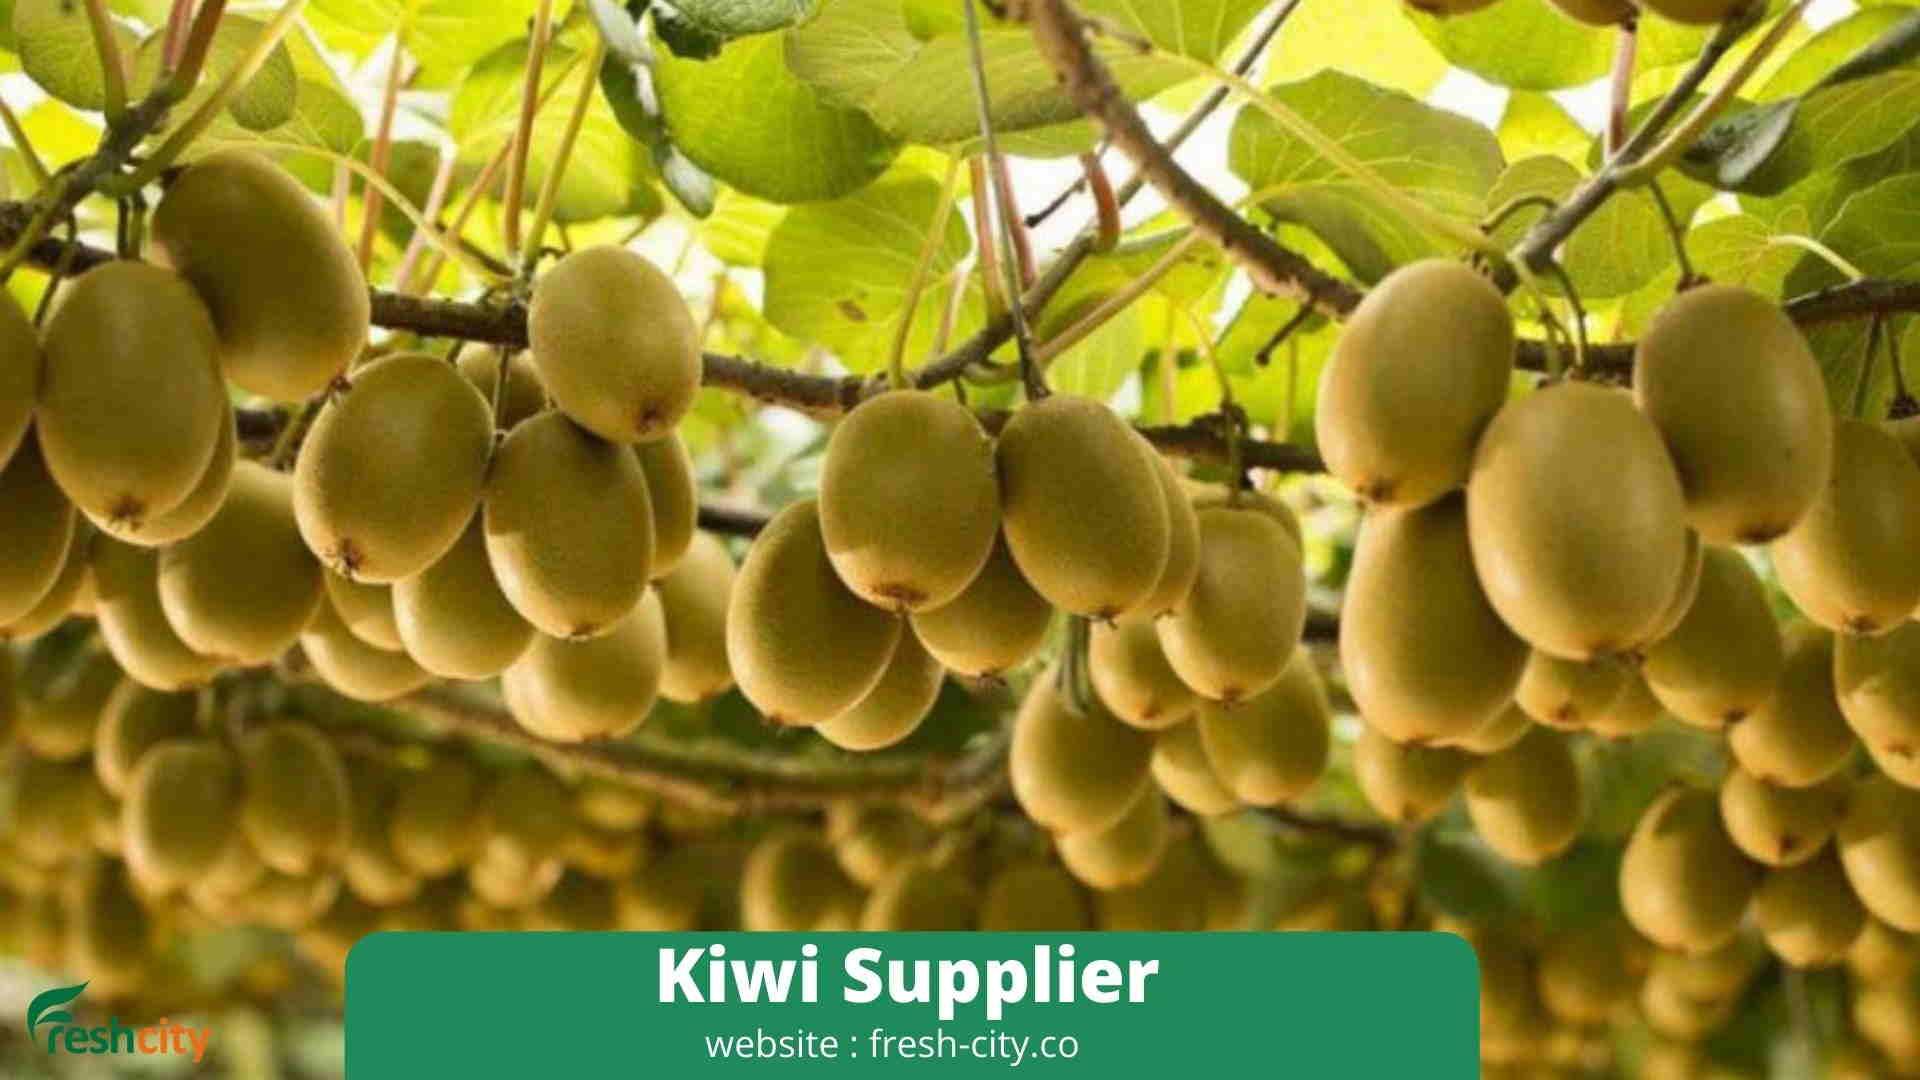 Kiwi Supplier